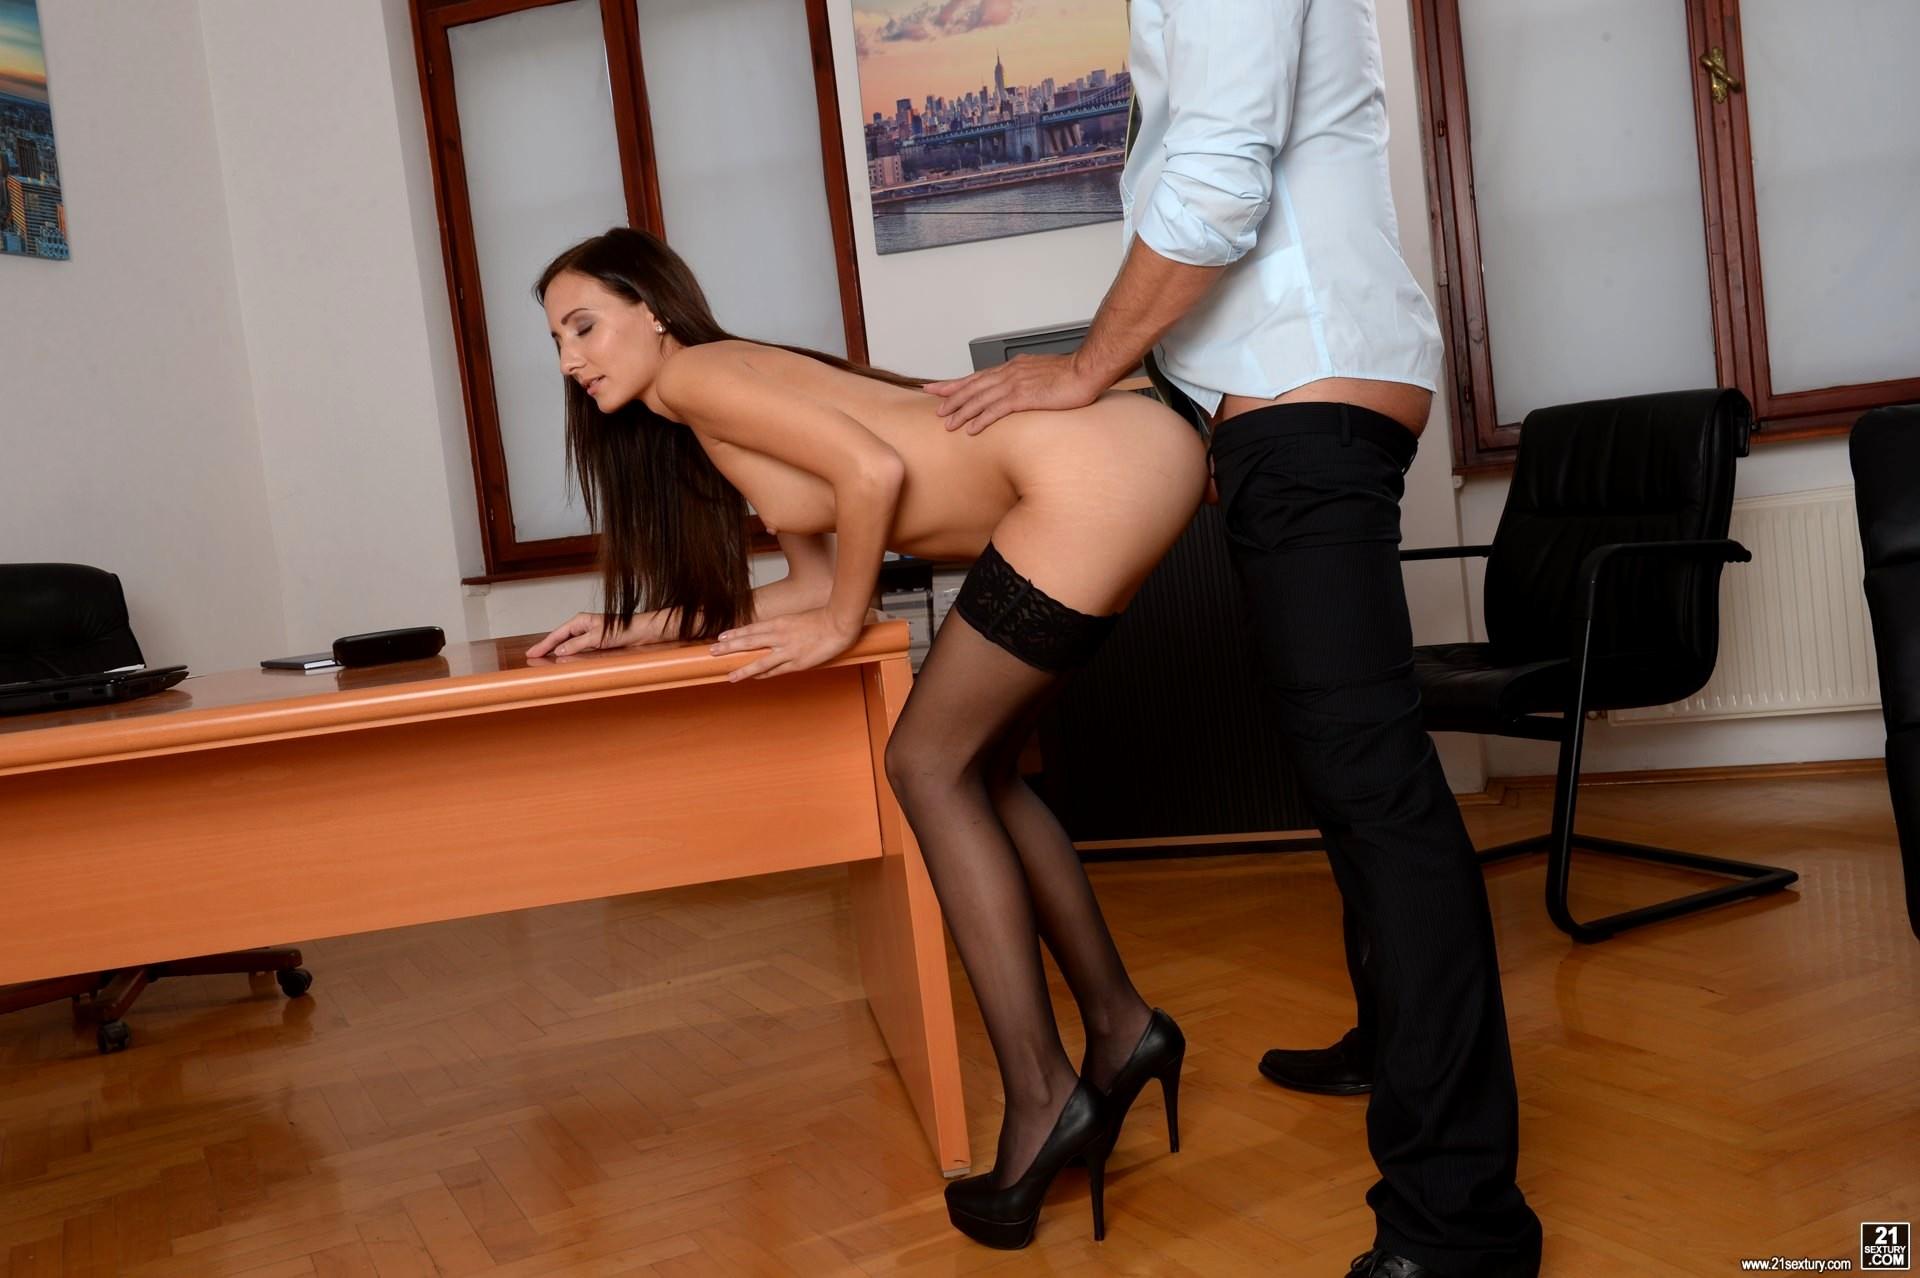 Русская брюнетка в миниюбке в офисе порно — pic 9